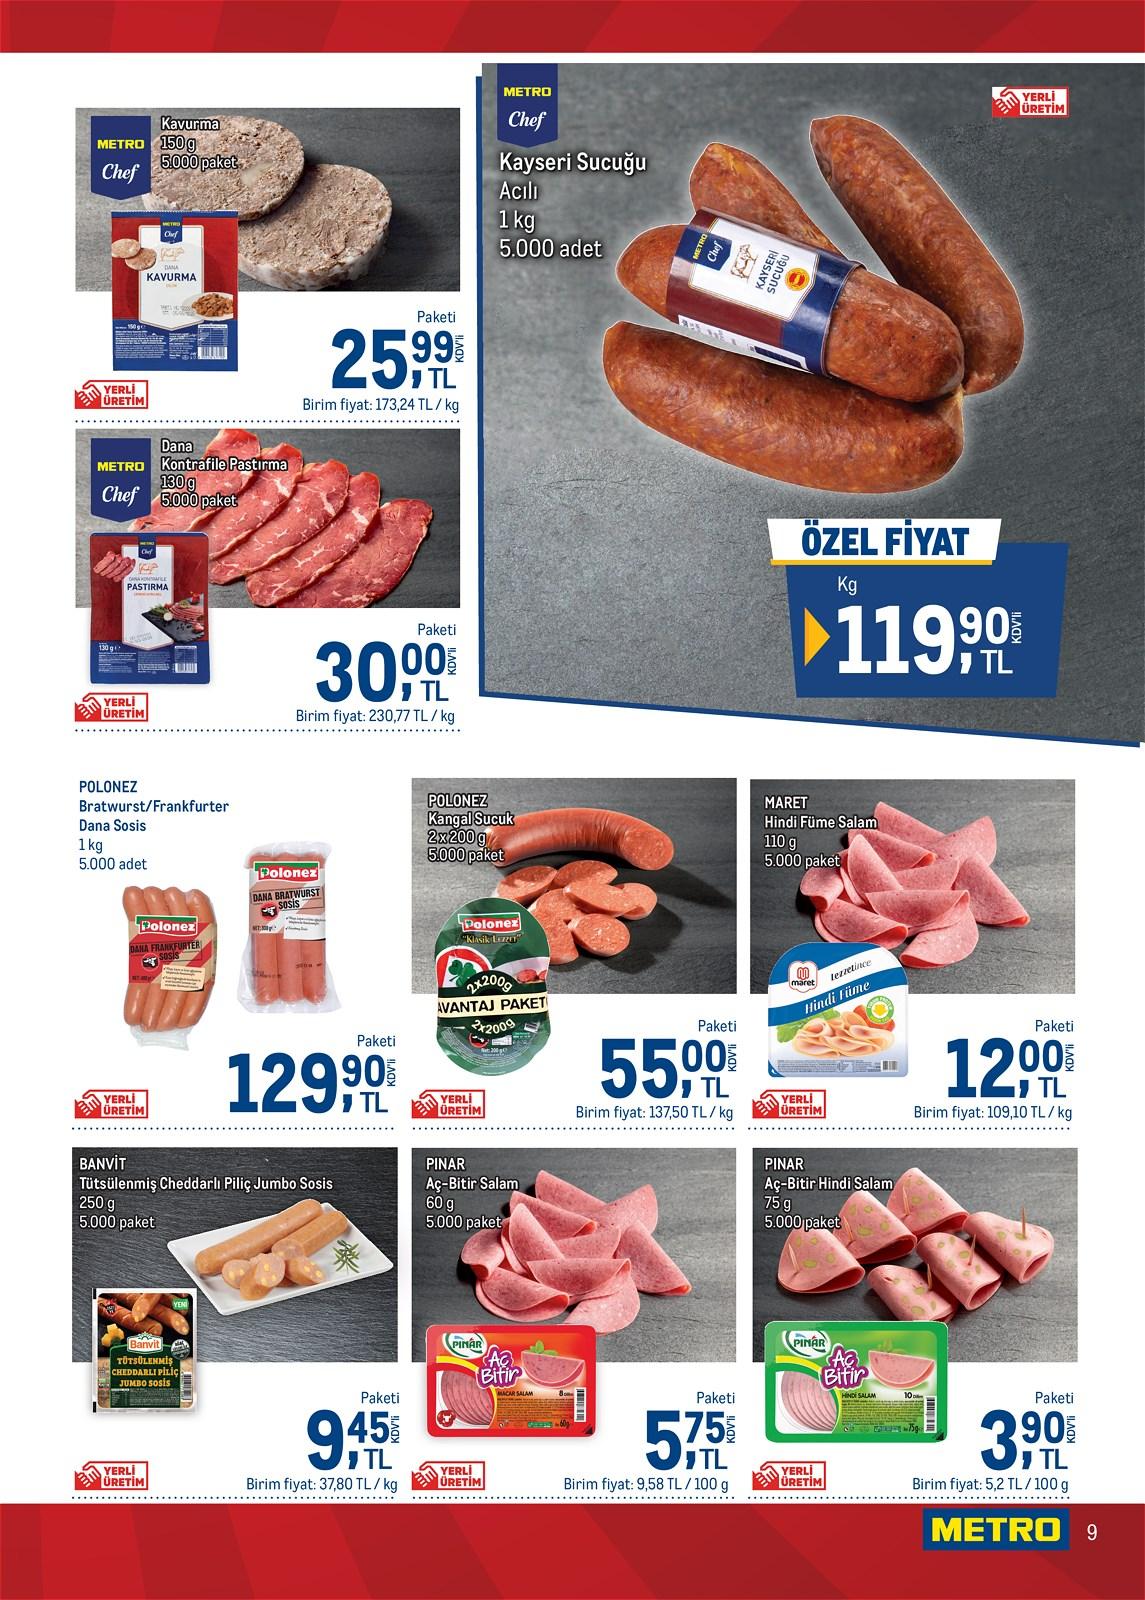 07.10.2021 Metro broşürü 9. sayfa